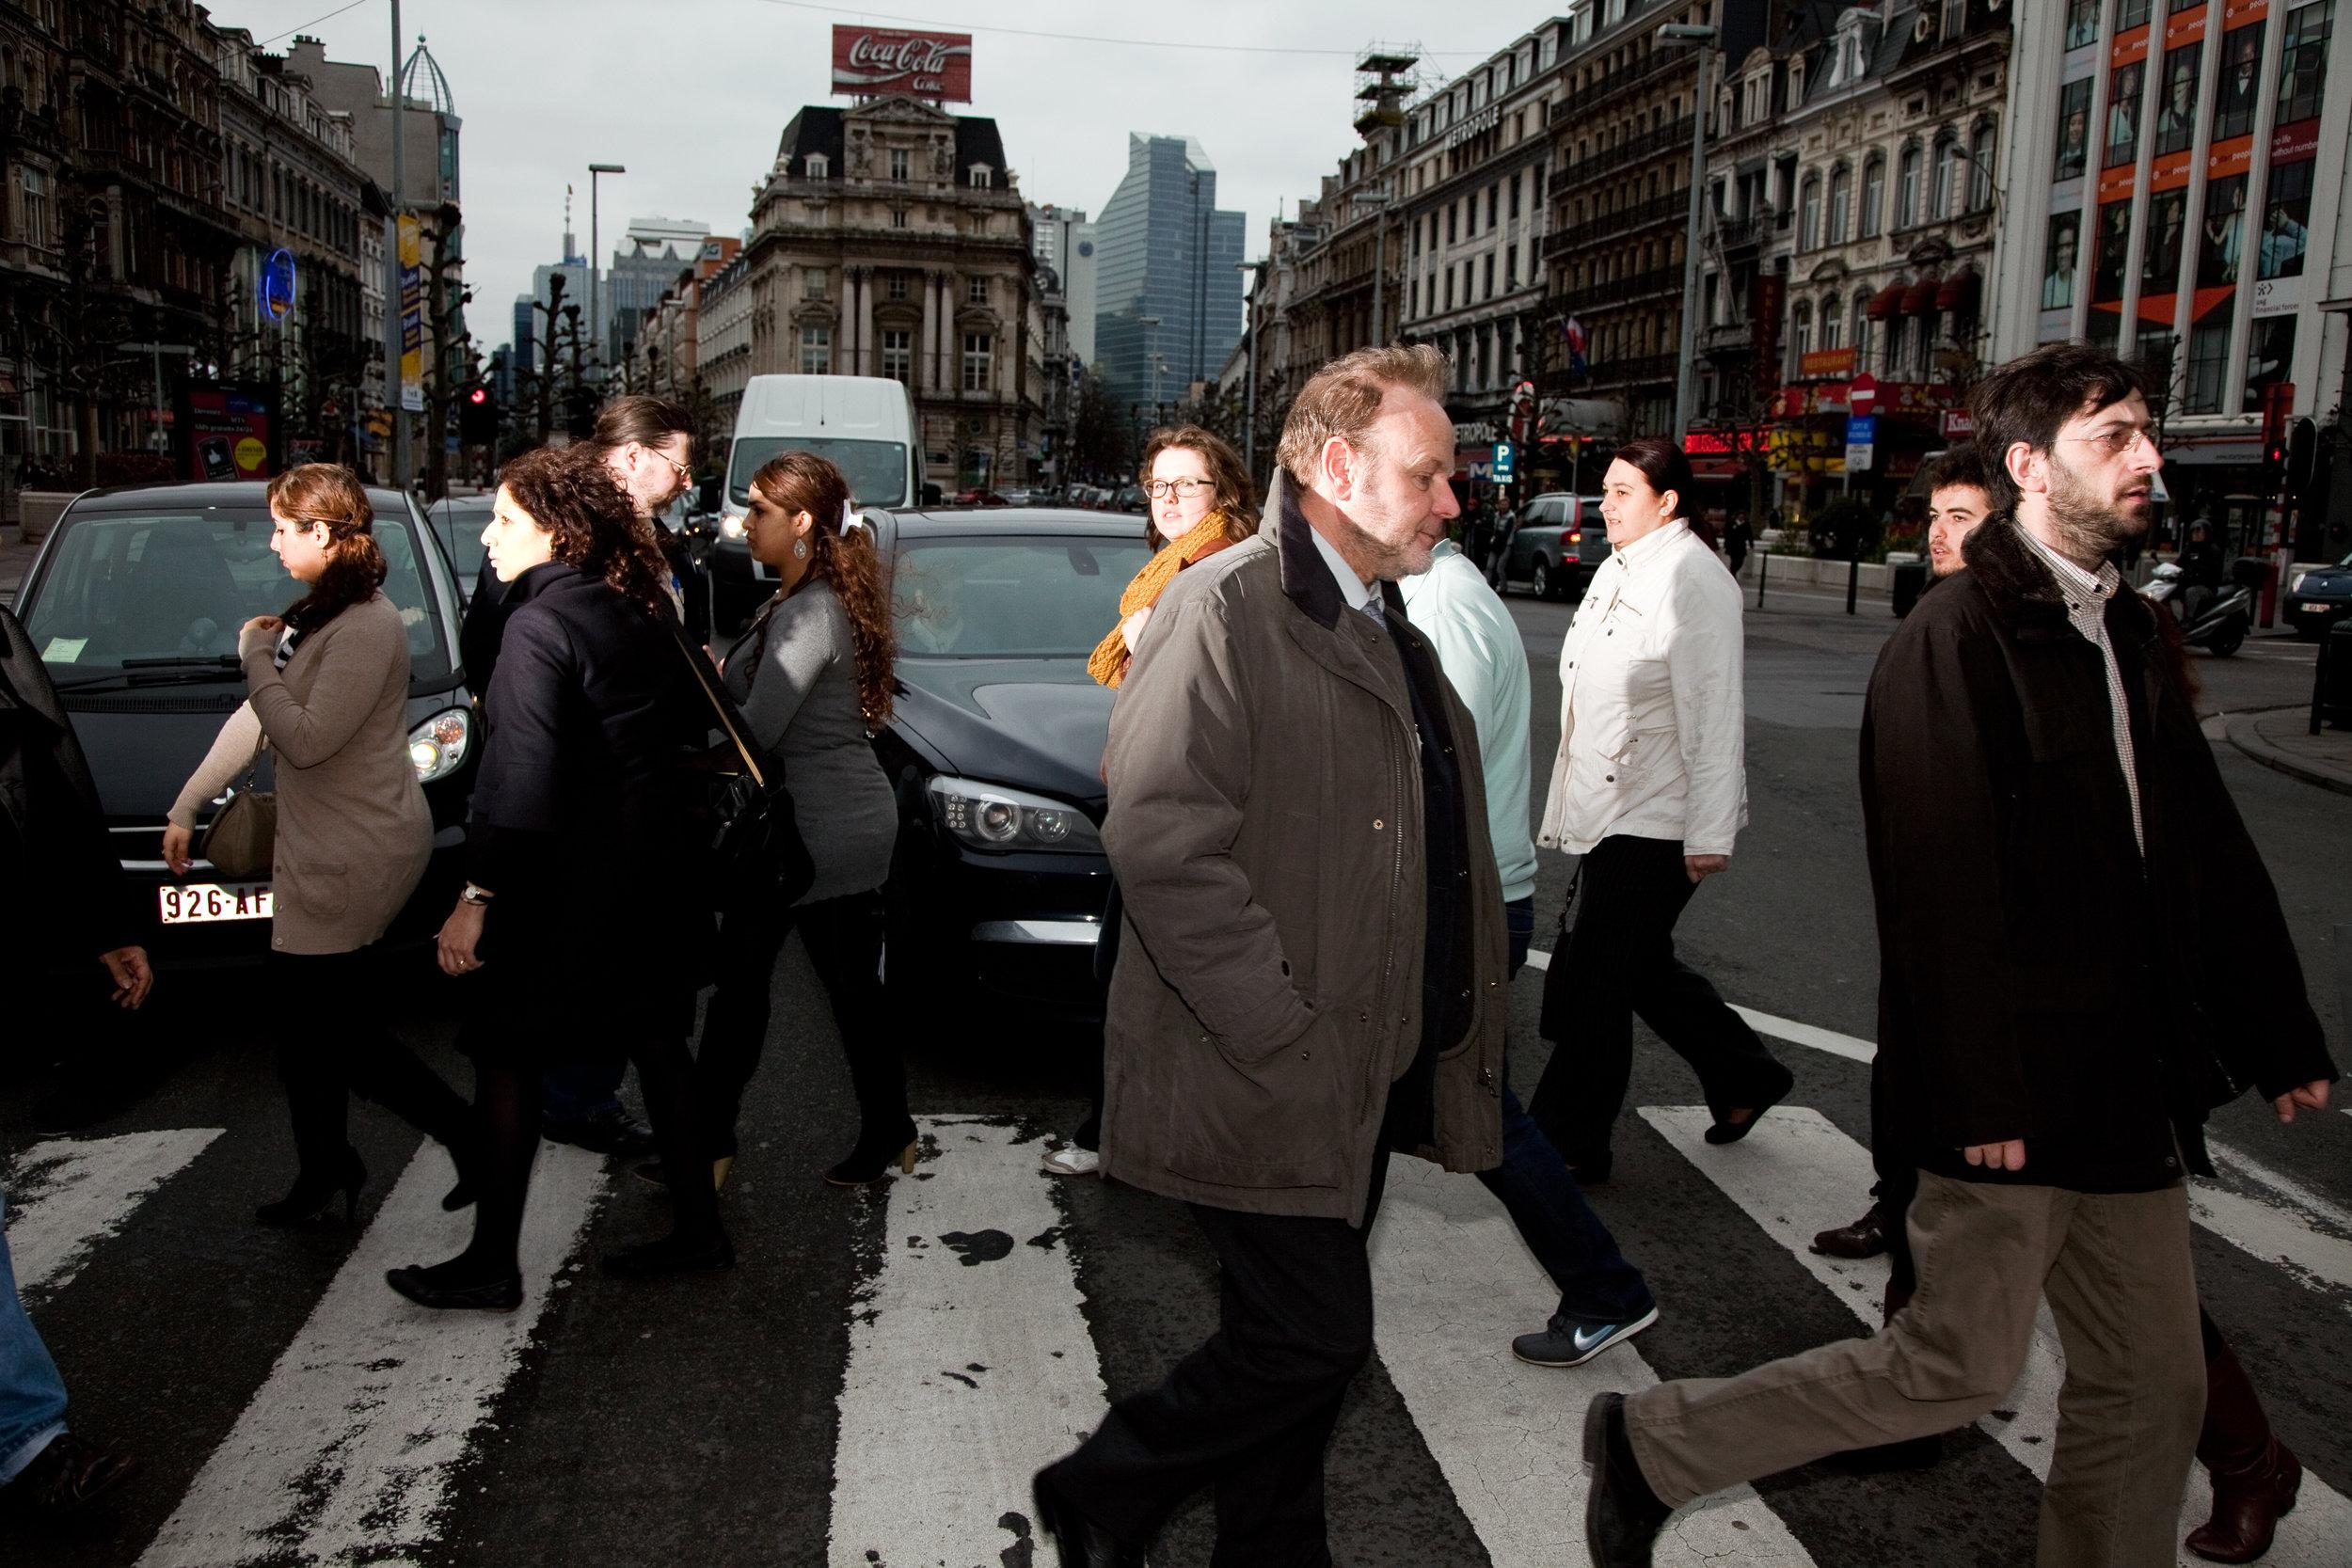 Poike_Stomps_1_Brussel_Crossing_Europe (1 van 1).jpg